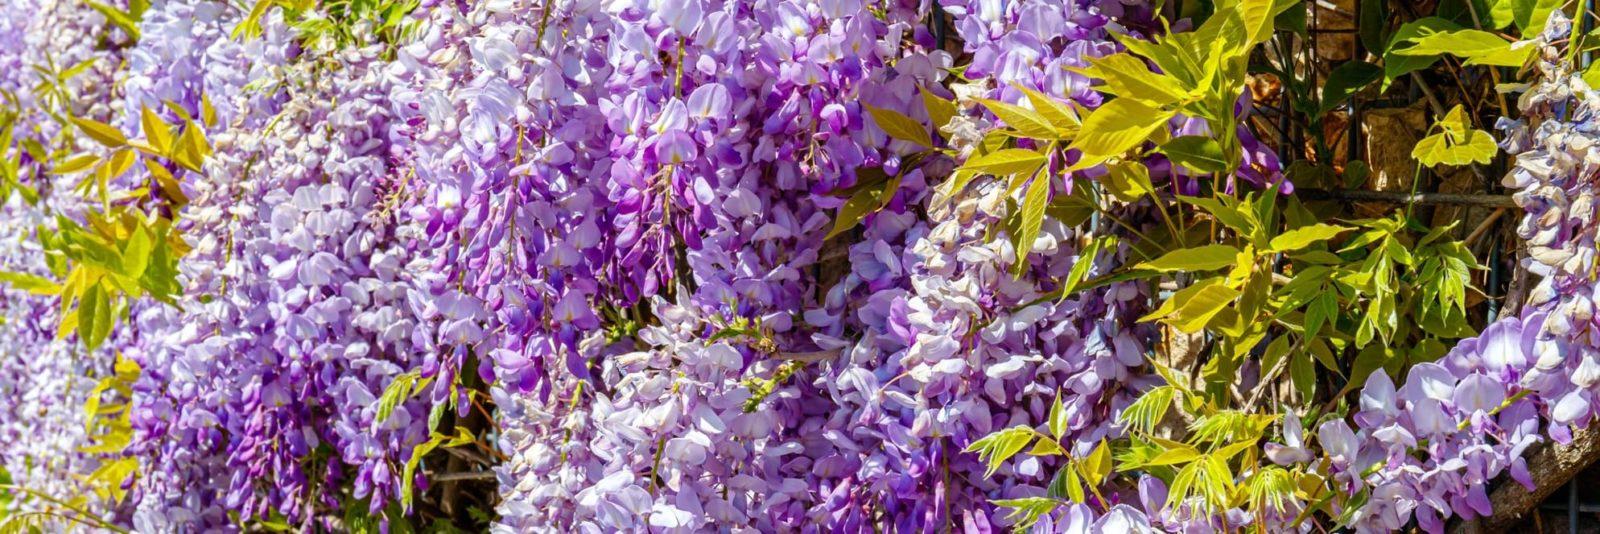 purple flowering wisteria tree in a garden